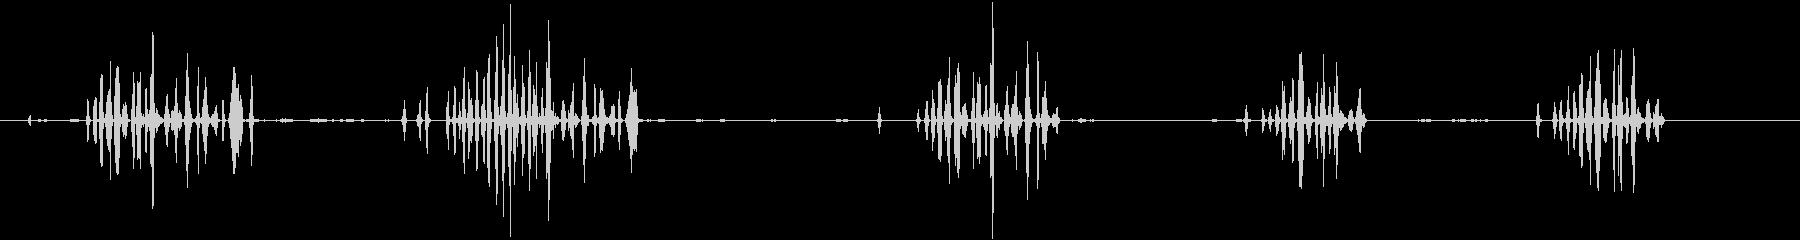 フィンチ、ハウスチャープ。背景をさ...の未再生の波形